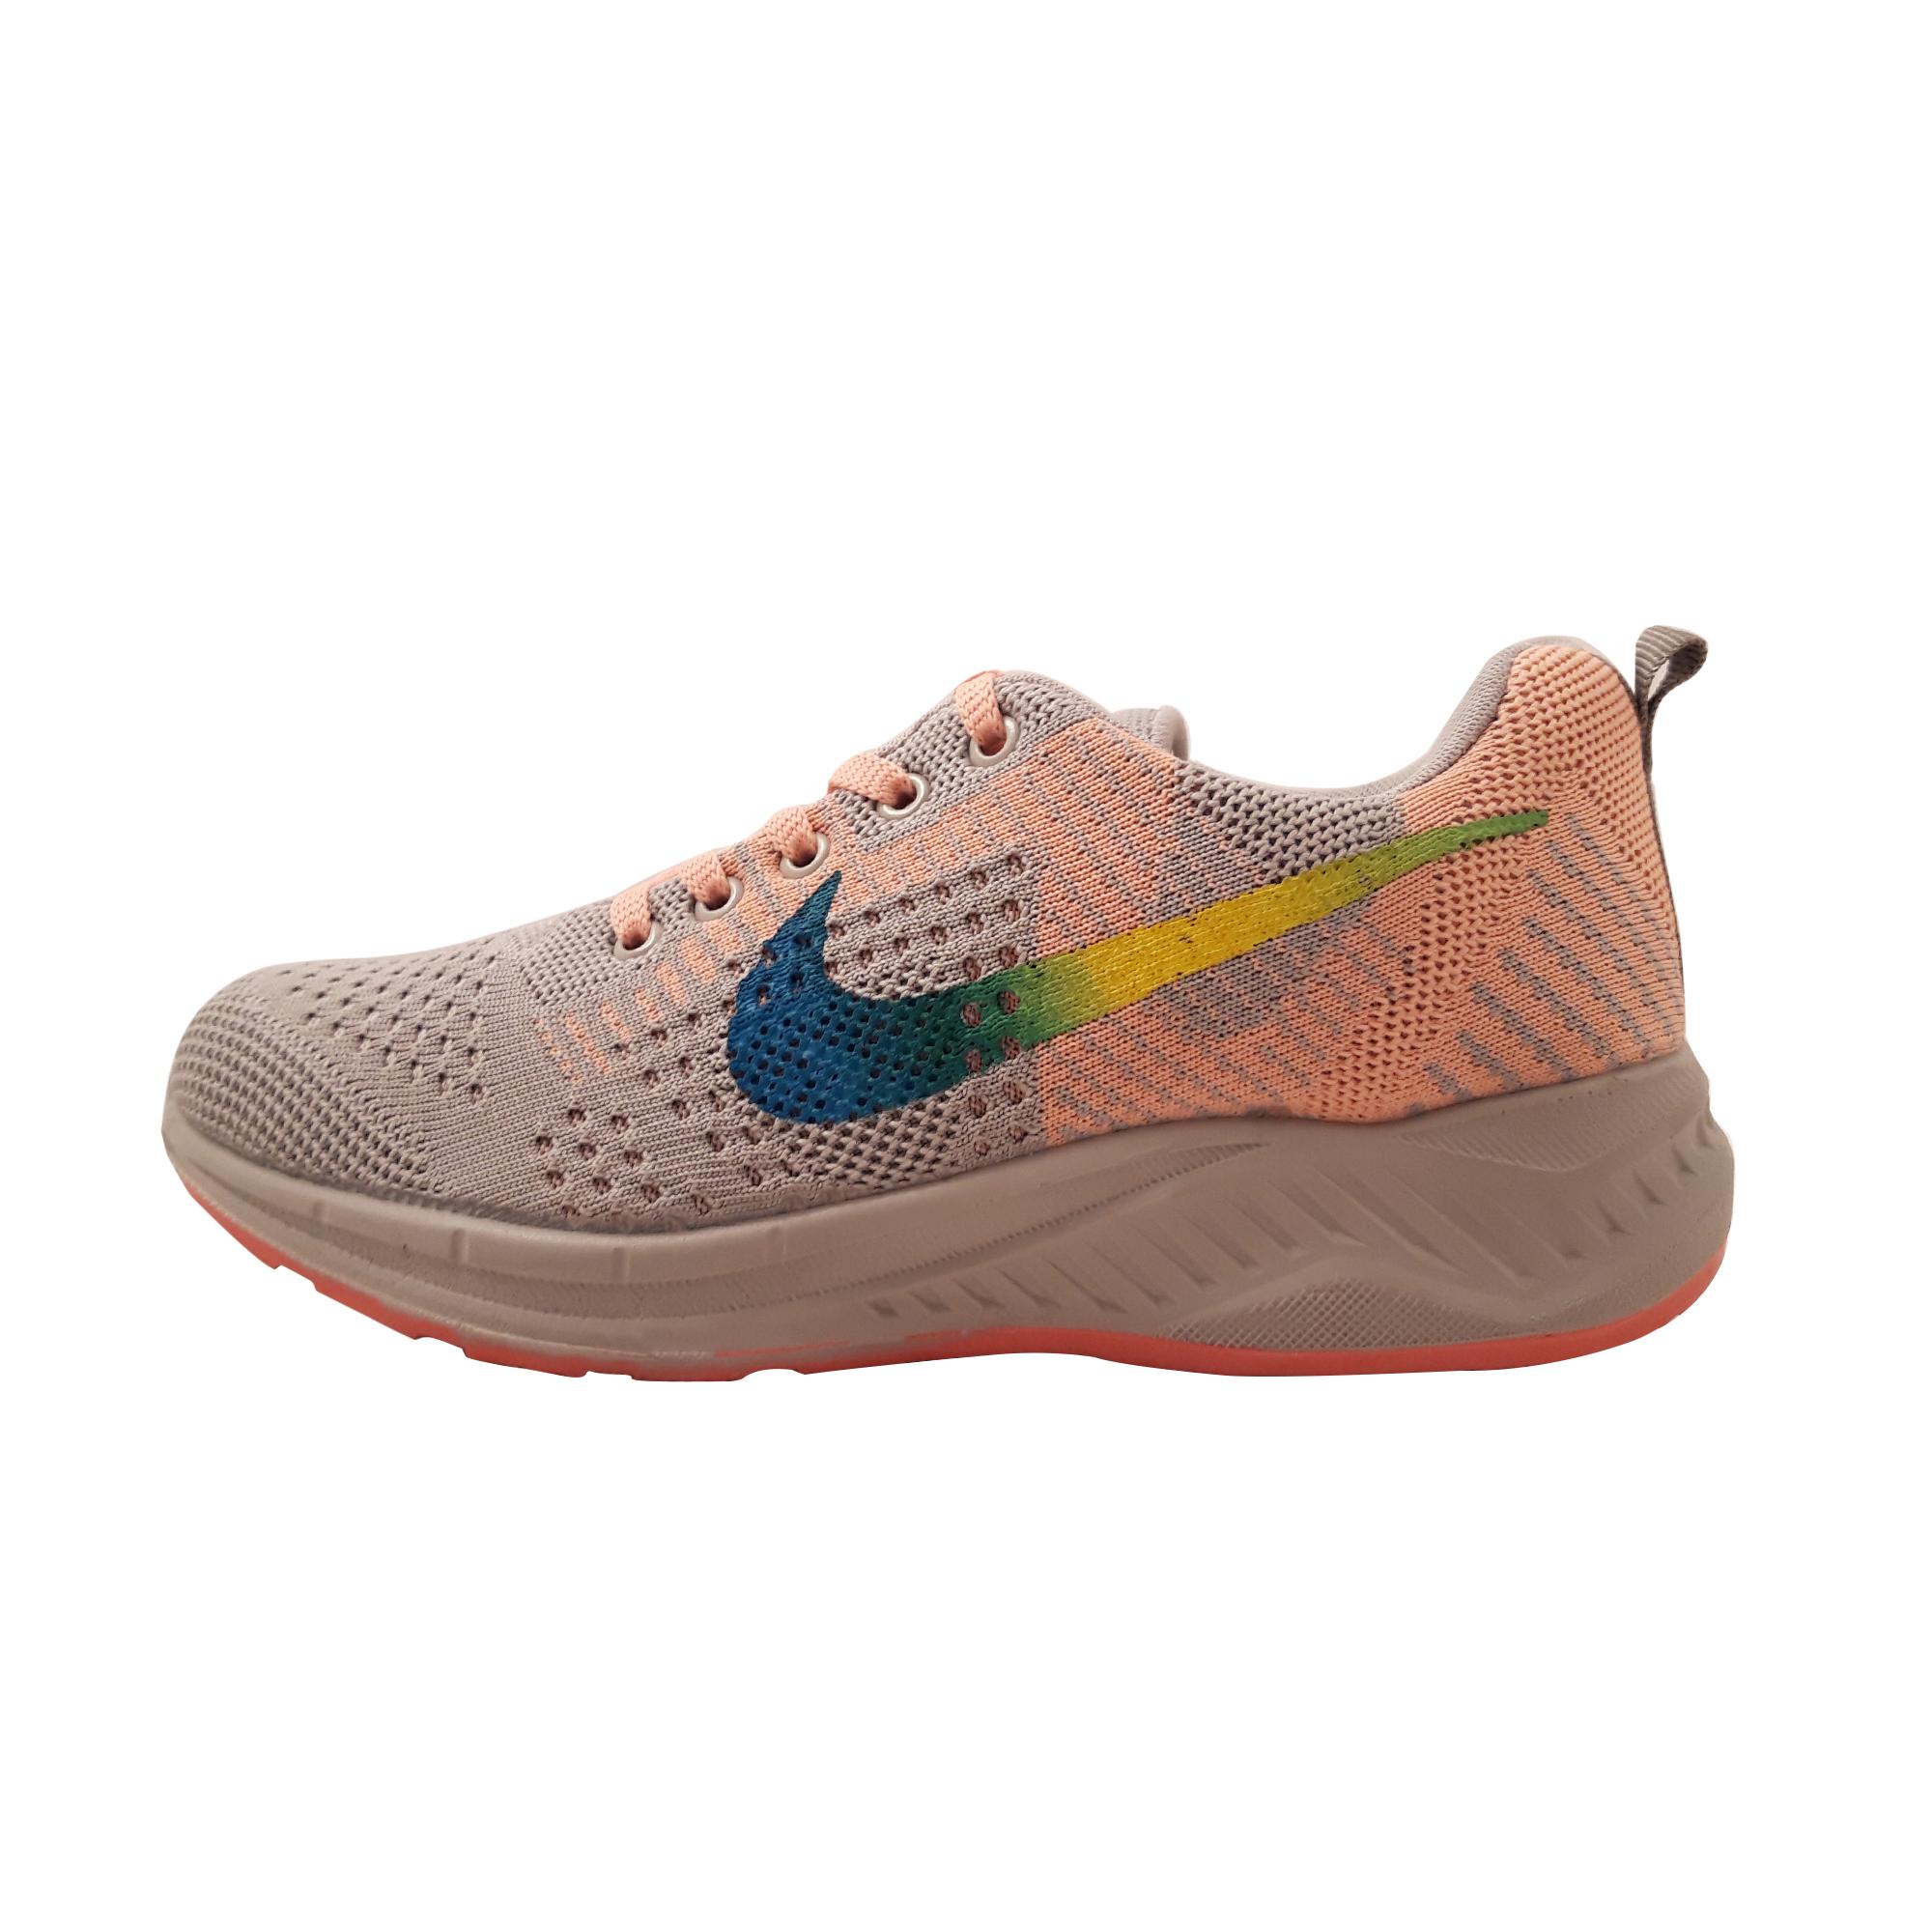 کفش مخصوص پیاده روی زنانه کد s206